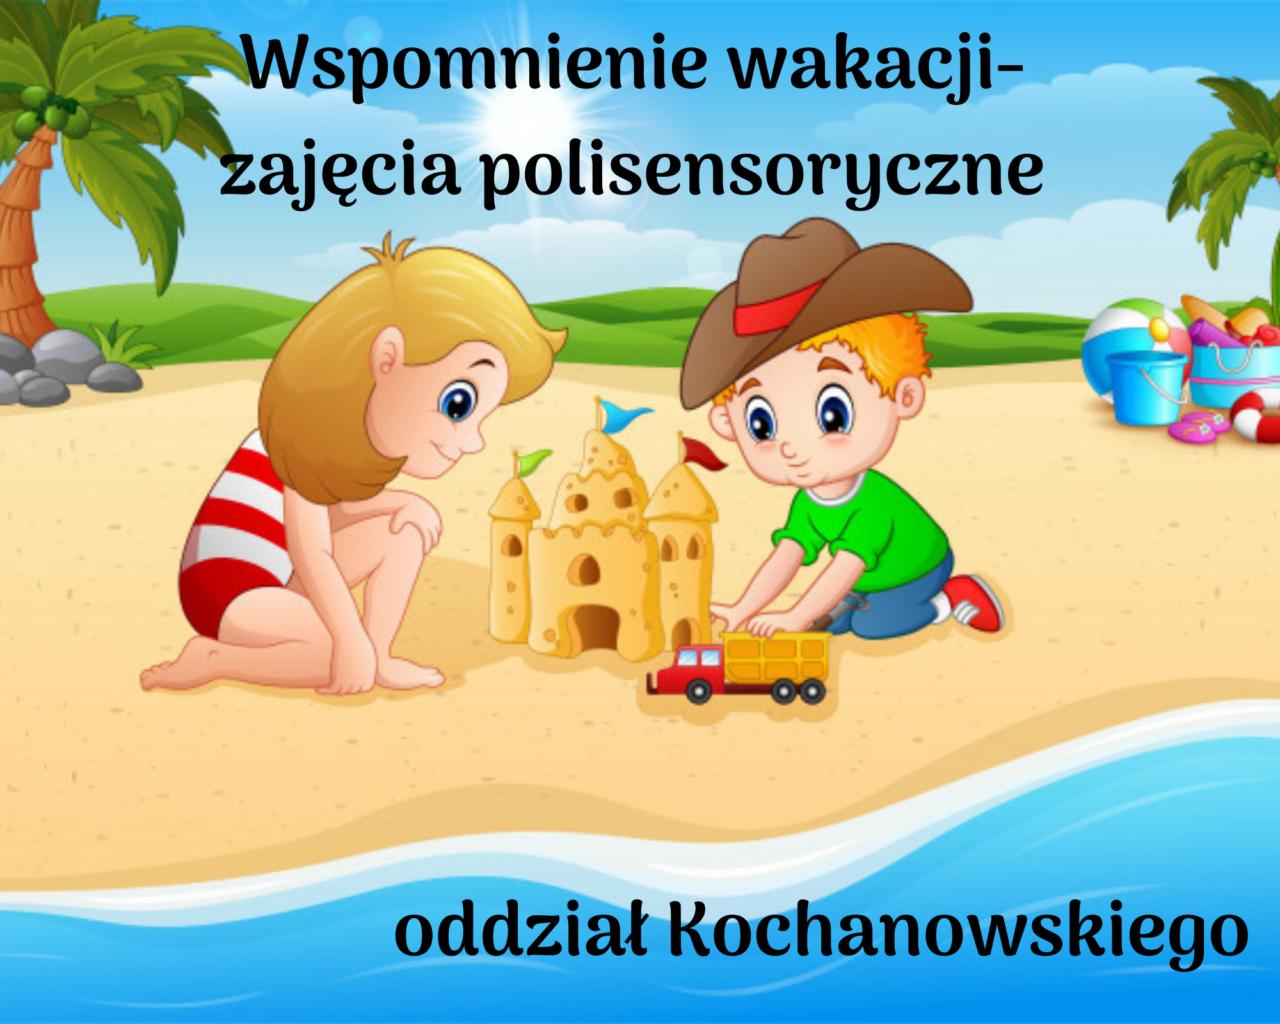 1. Wspomienie wakacji- zajęcia polisensoryczne